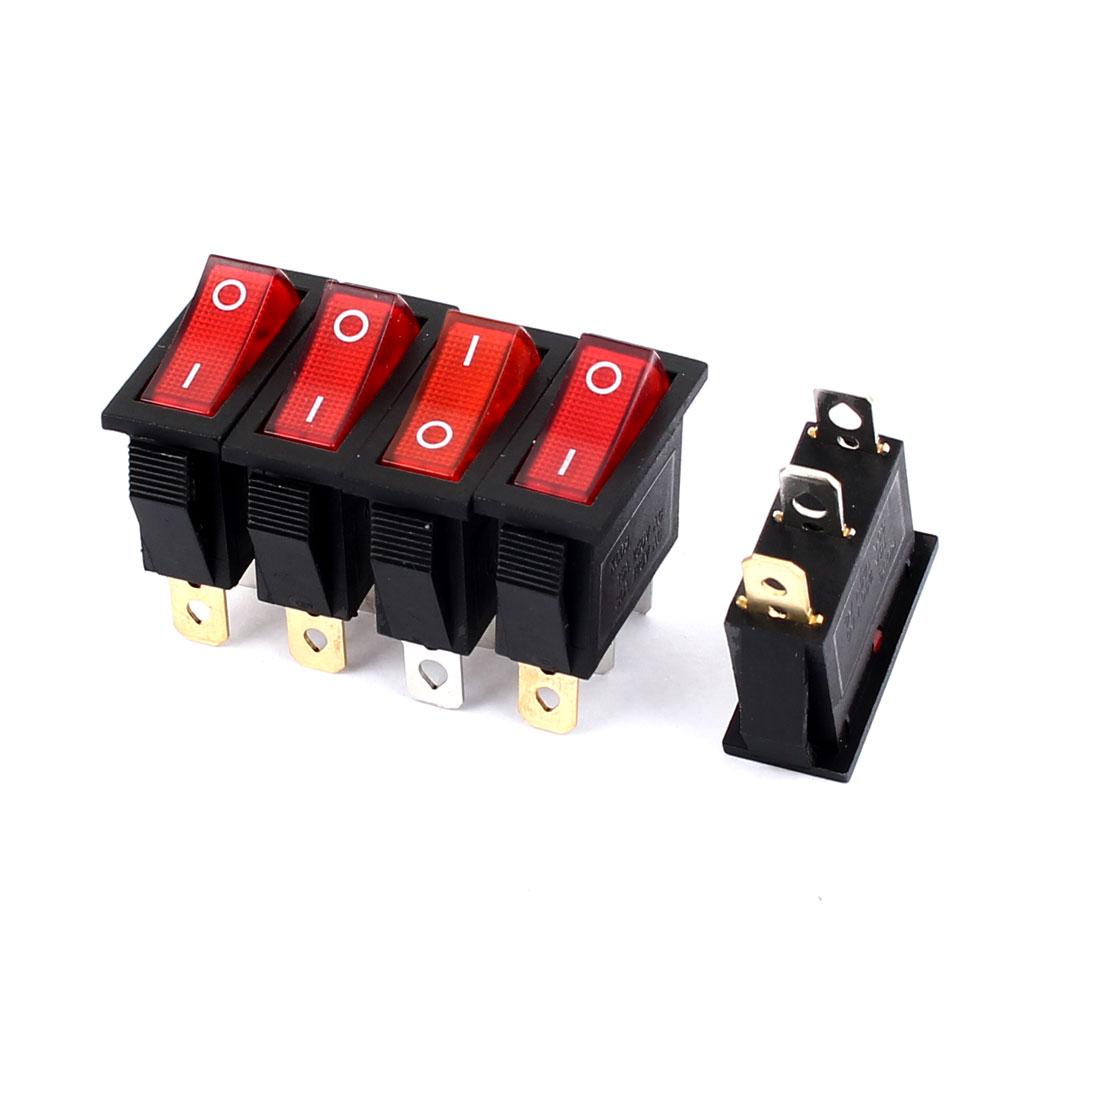 5Pcs AC 250V/125V 15A/30A O/I Snap-In SPST Red Light Rocker Switch